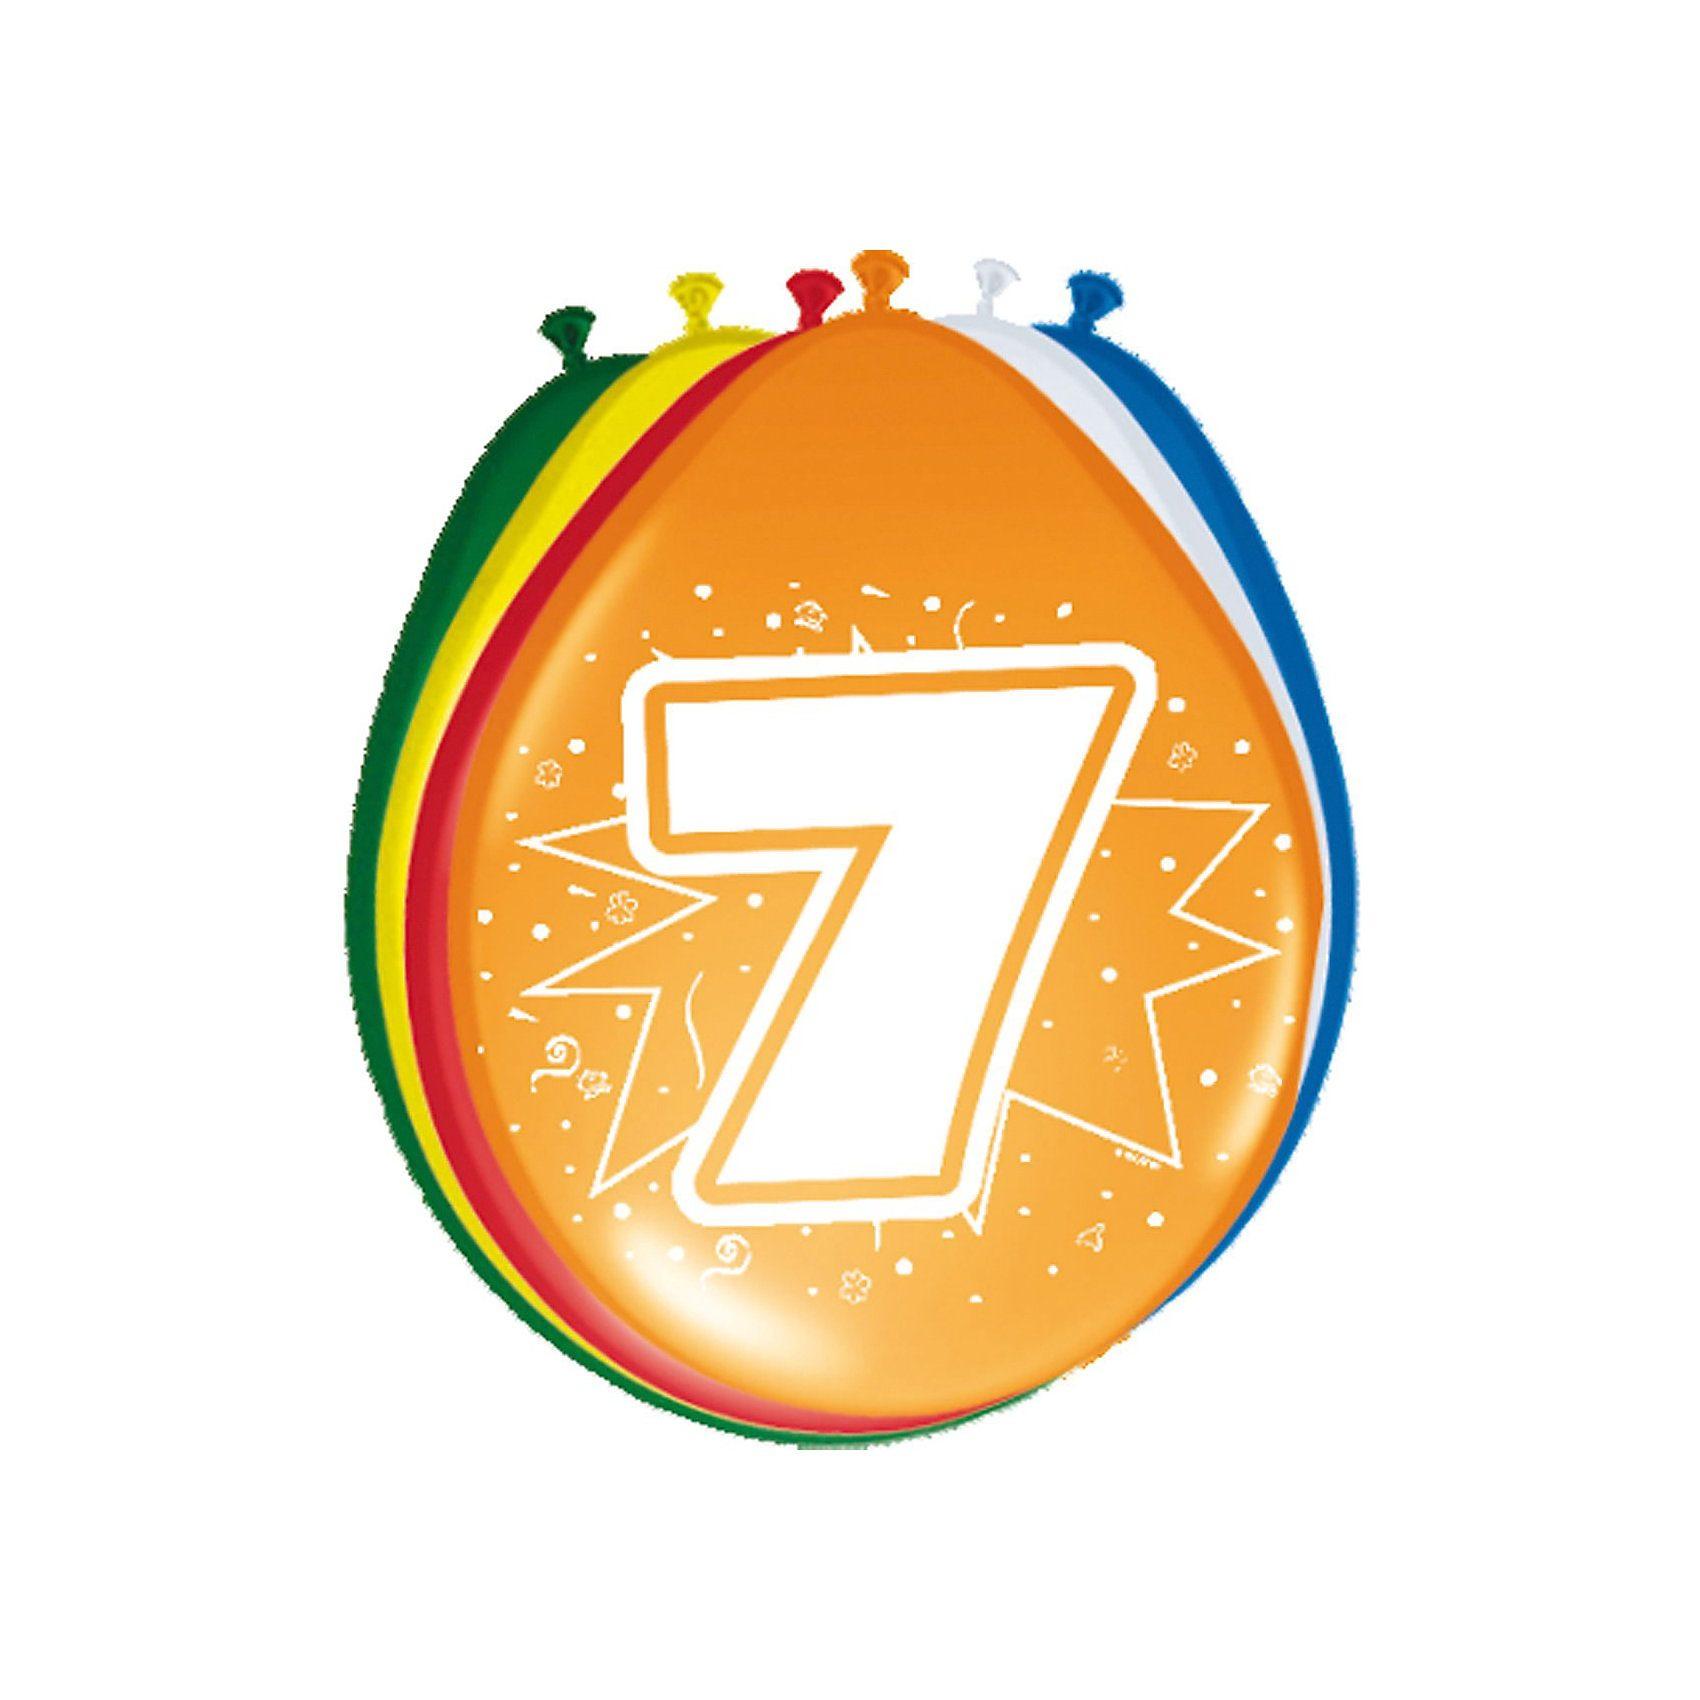 Zahlenluftballon 7, 8-tlg.